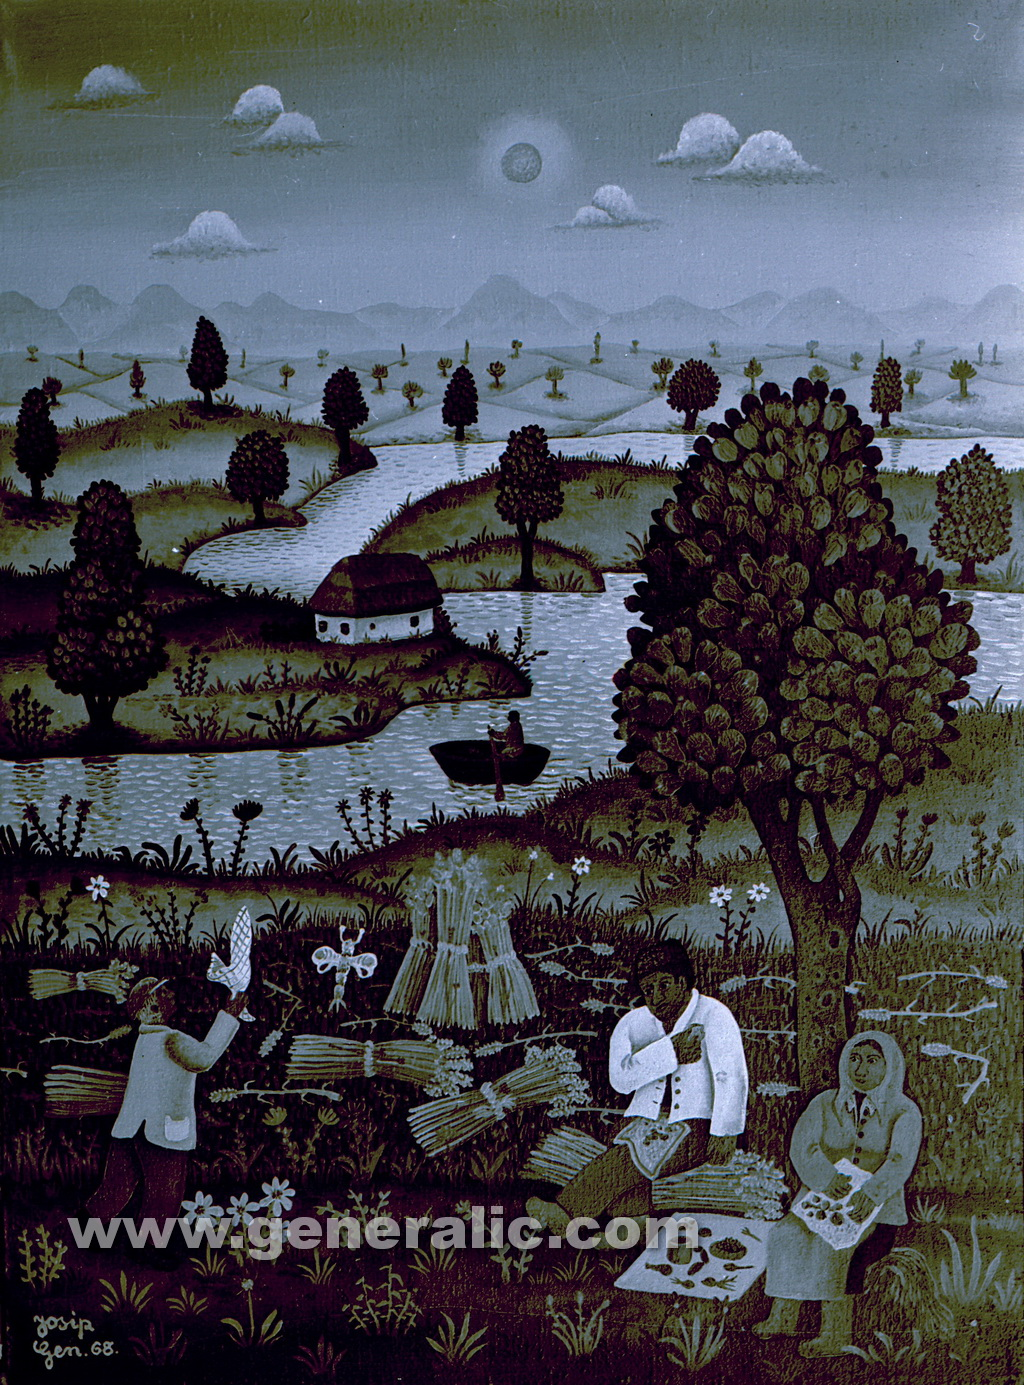 Josip Generalic, 1968, Lunch break, oil on canvas